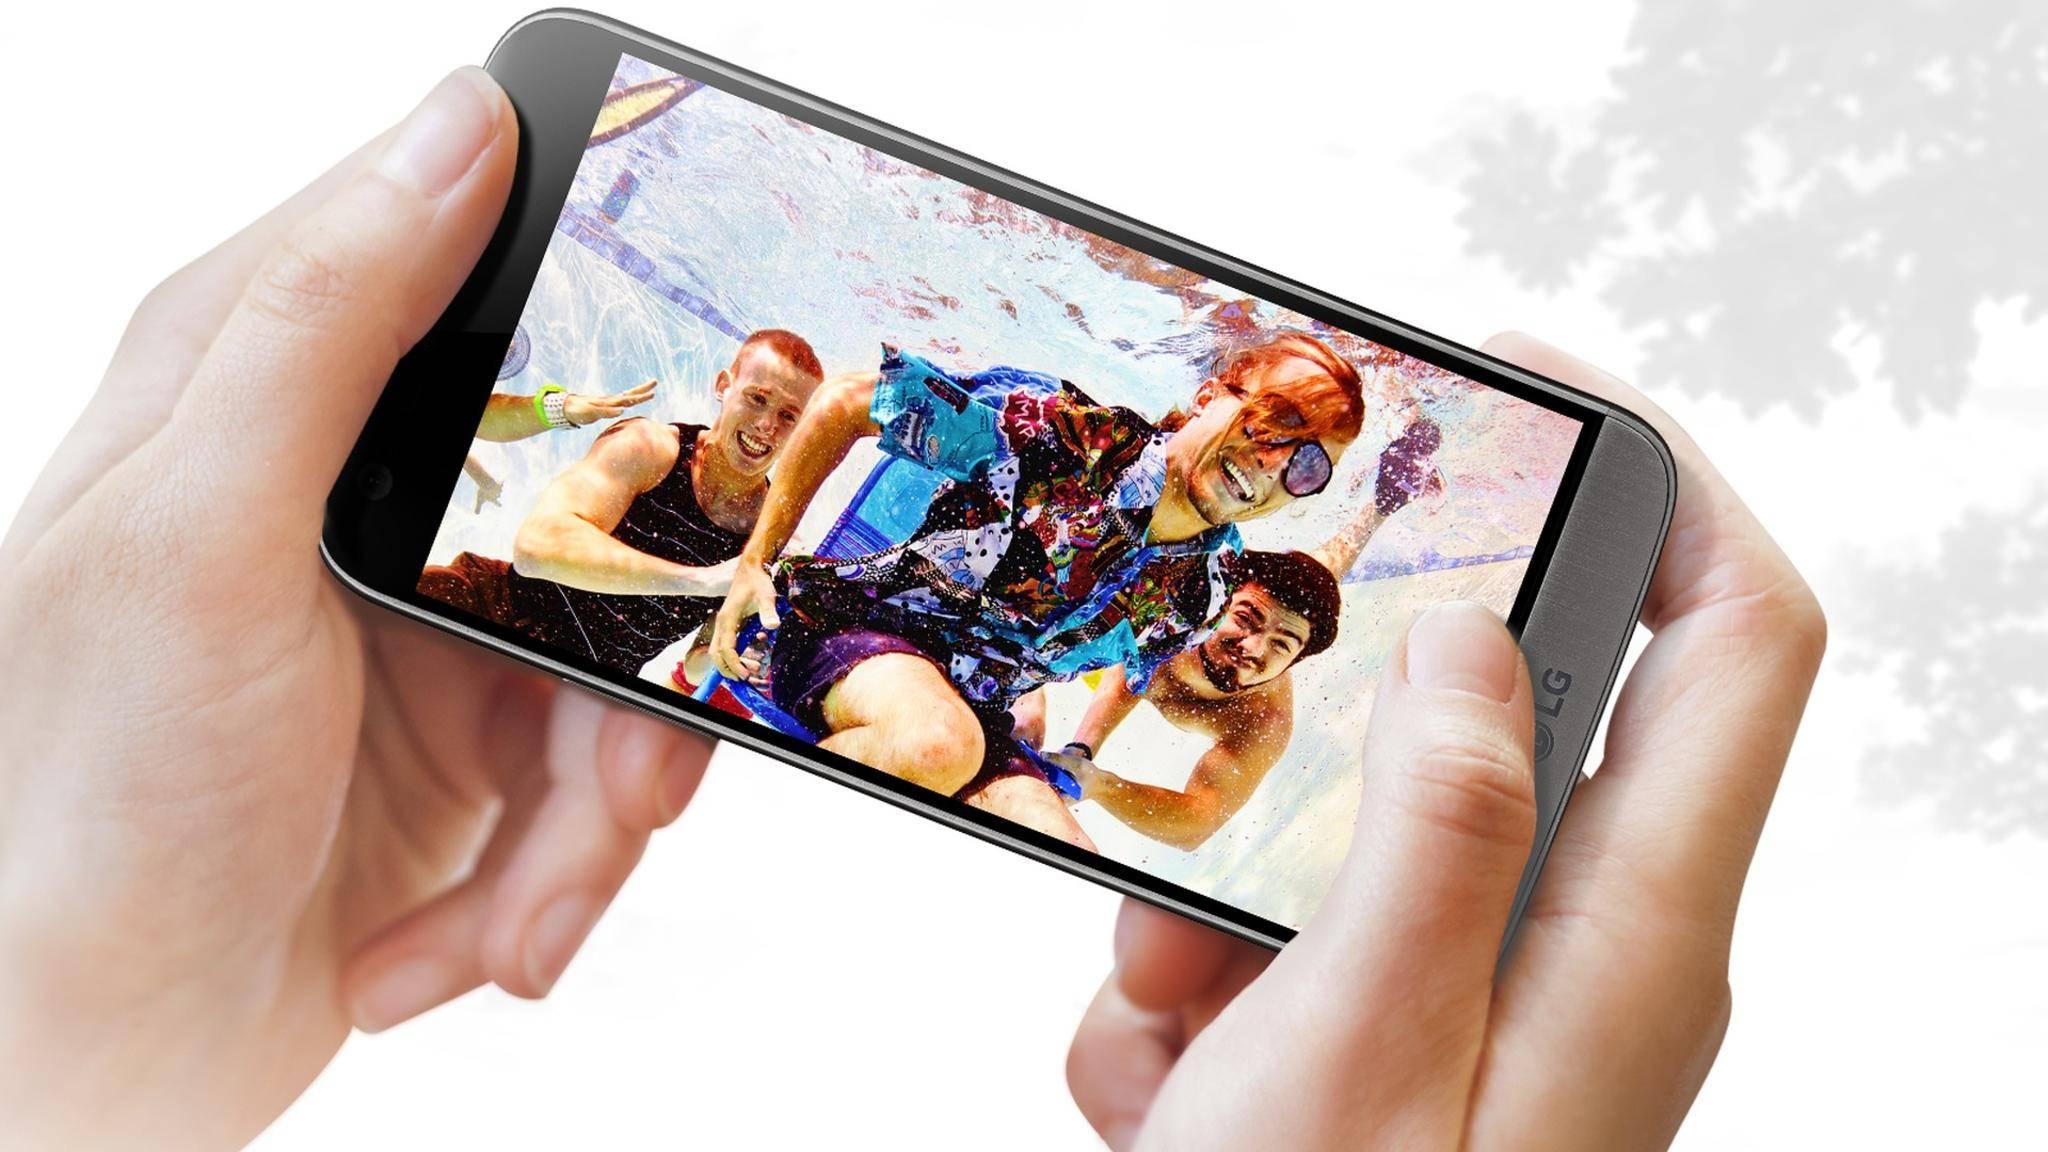 Das LG G6 soll einen QHD+ Bildschirm im 18:9-Seitenverhältnis bekommen.